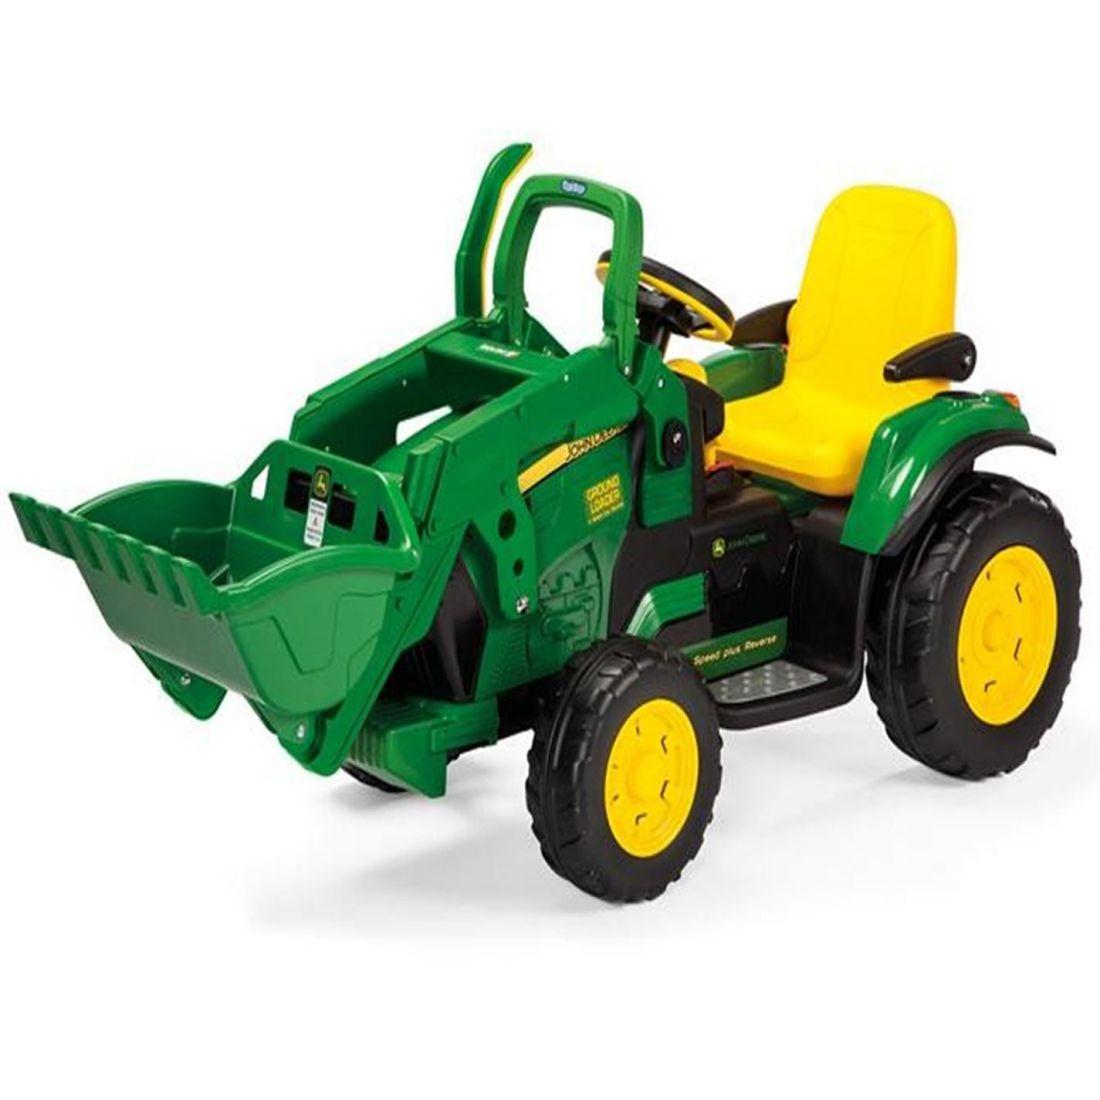 Cargador de de de tierra de Duplay Deere 12 Tractor para niños Coches de Juguete dfd7a9